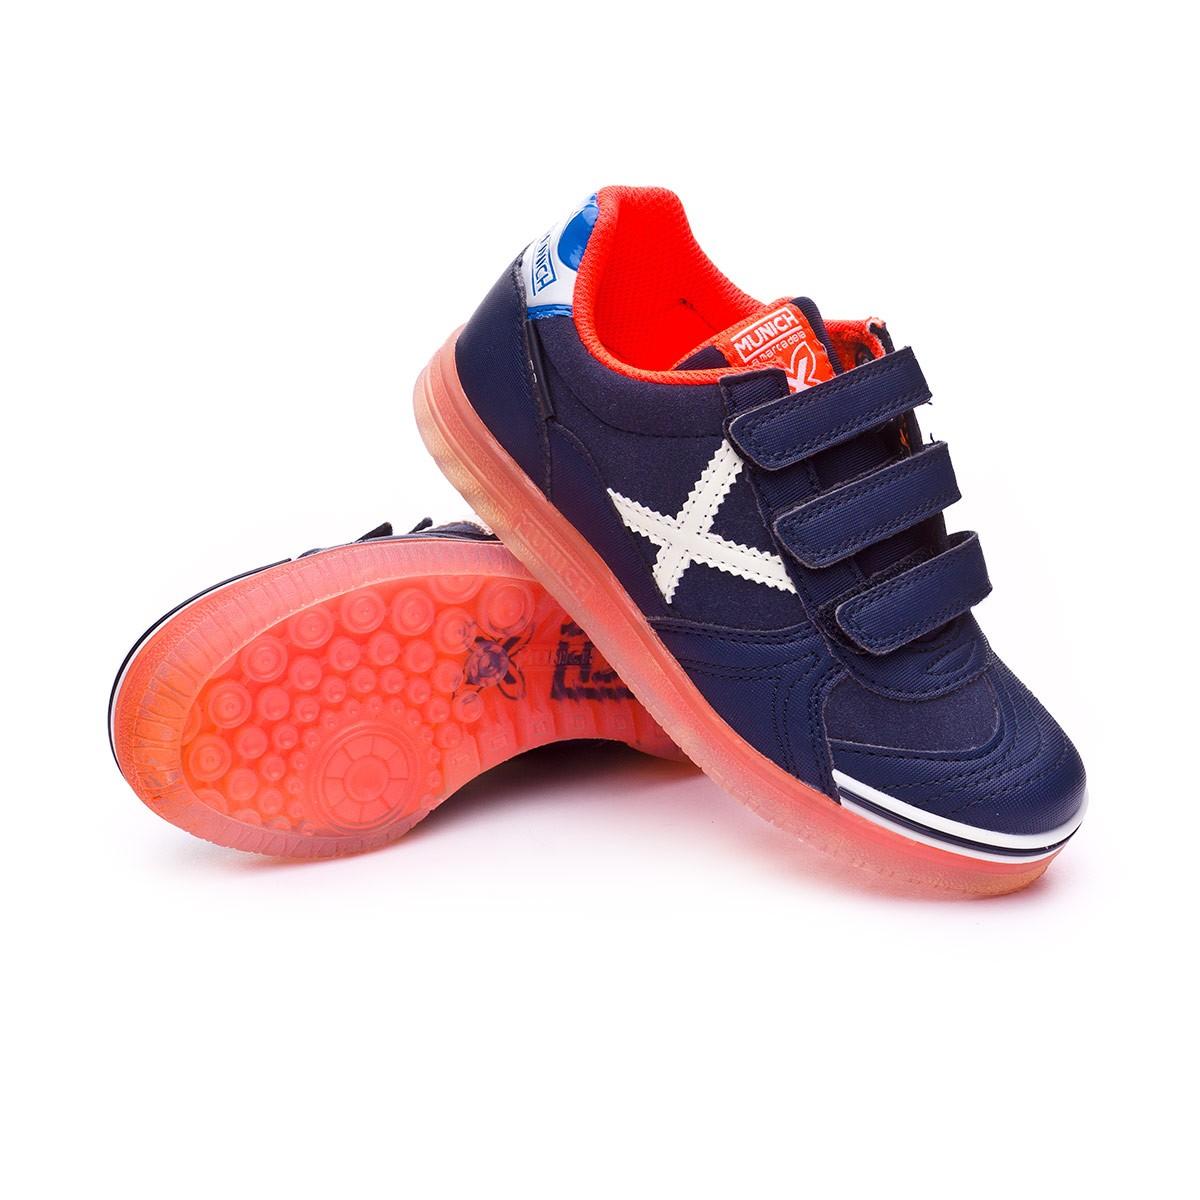 c7eb479a98c Futsal Boot Munich Kids G3 Glow Velcro Navy blue-Orange - Tienda de ...